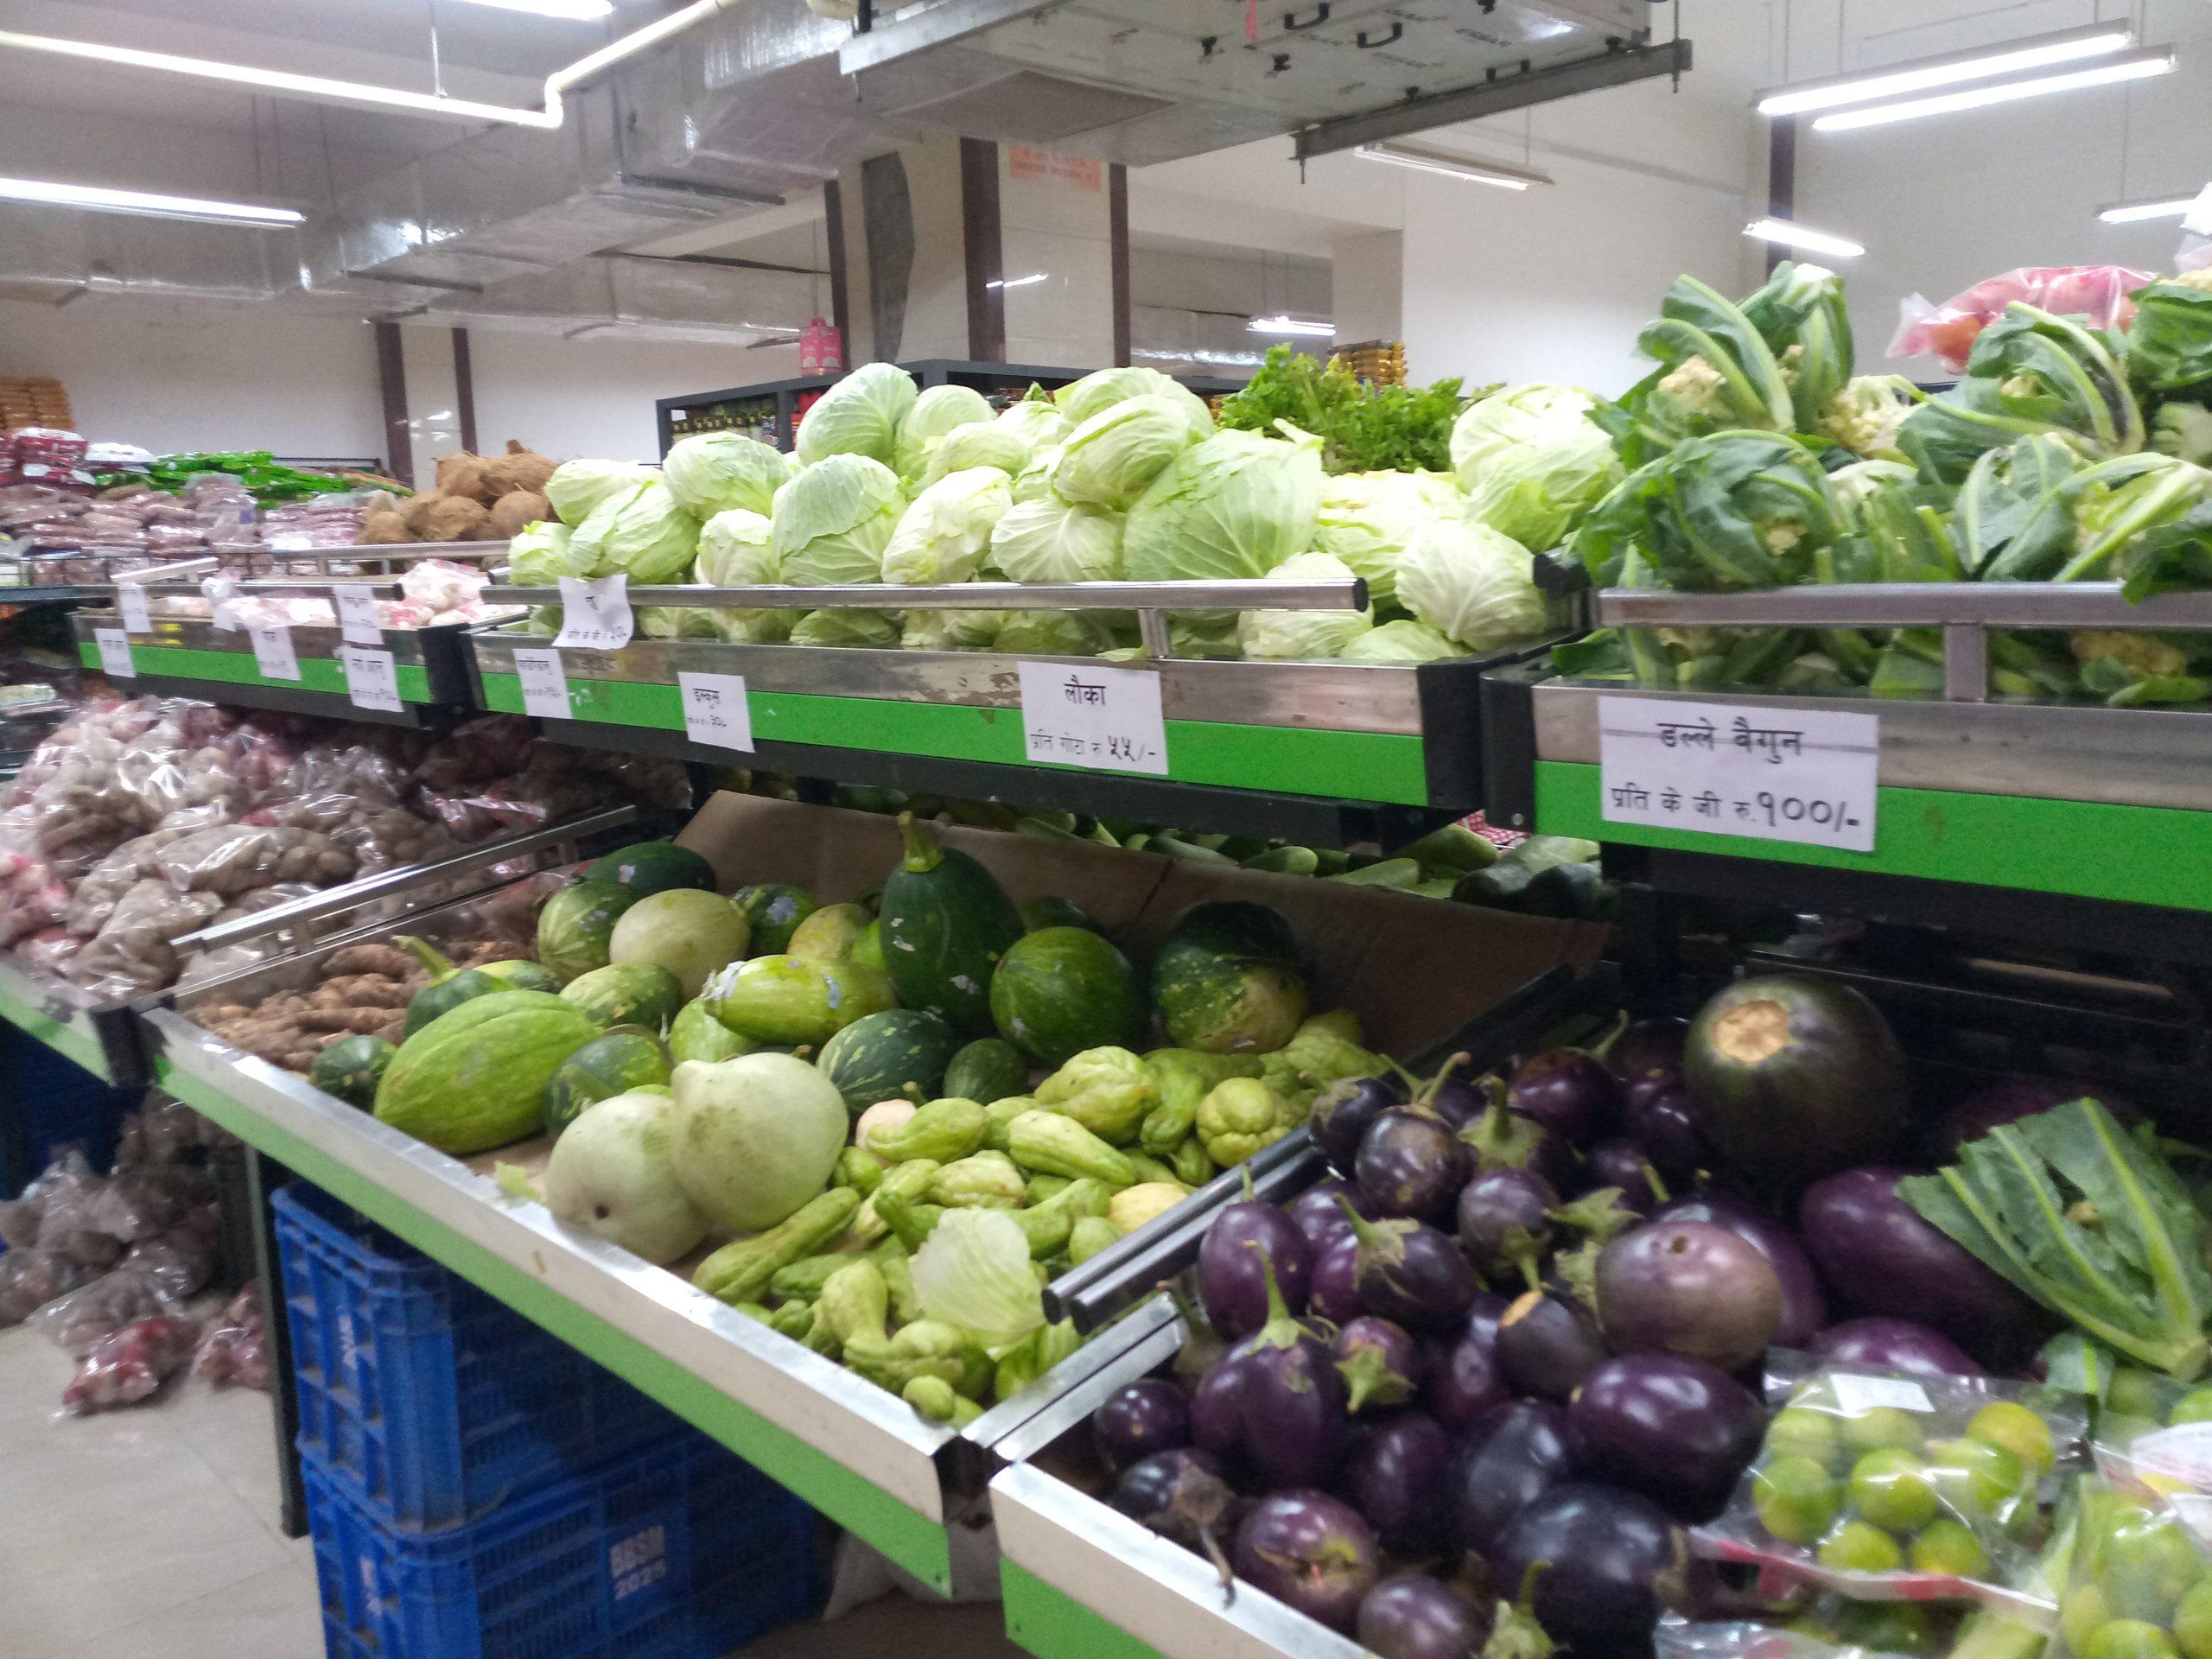 तरकारीको मूल्यमा मनपरी : सस्तोको प्रचार गर्ने सुपरमार्केटमा महंगो मूल्य